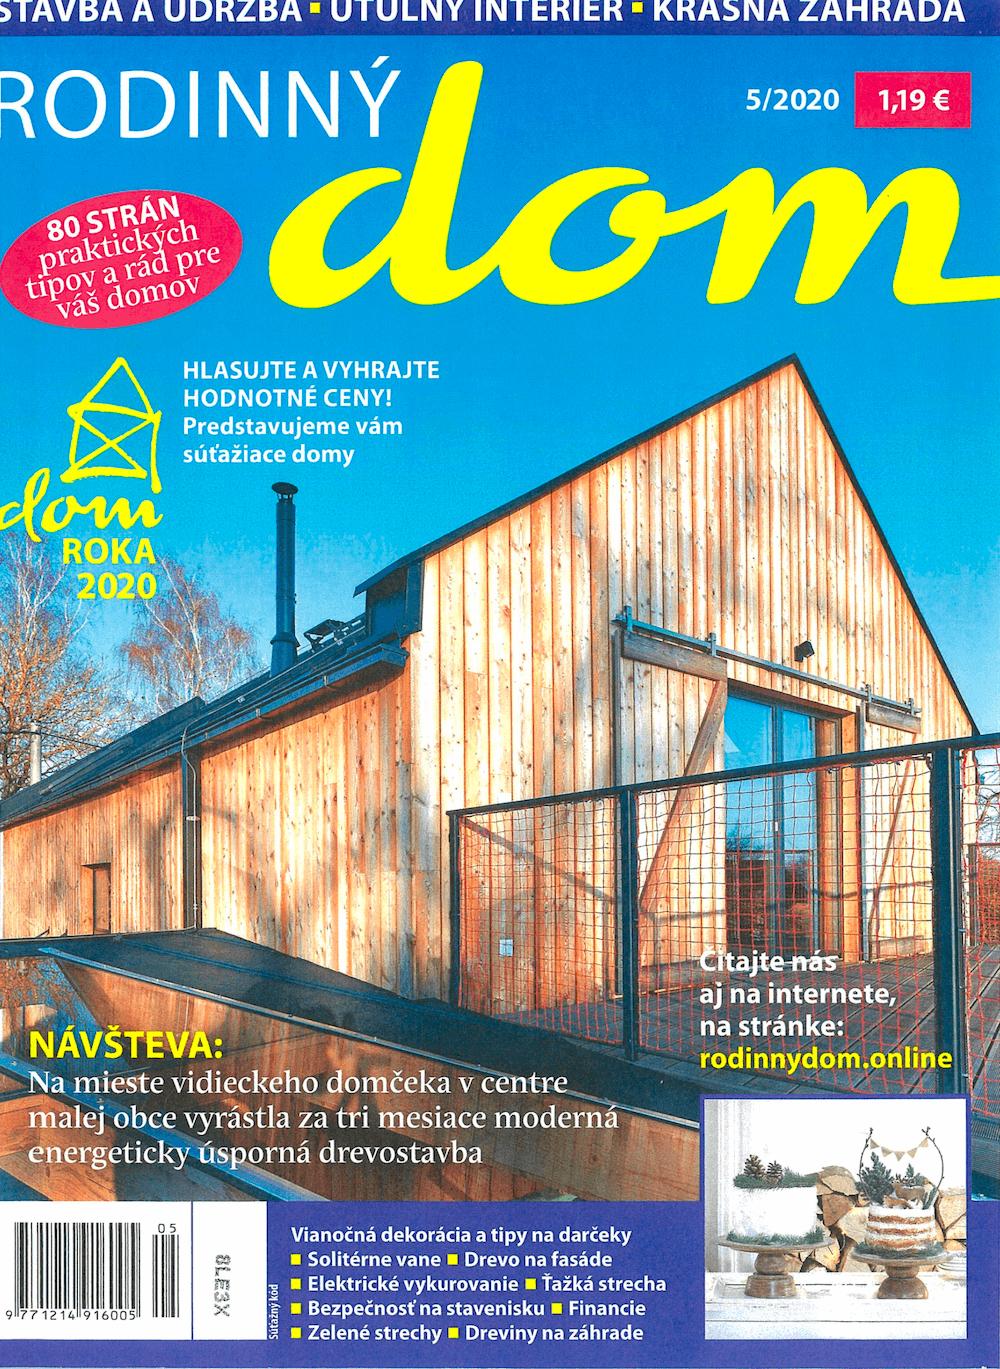 Titulka časopisu Rodinný dom